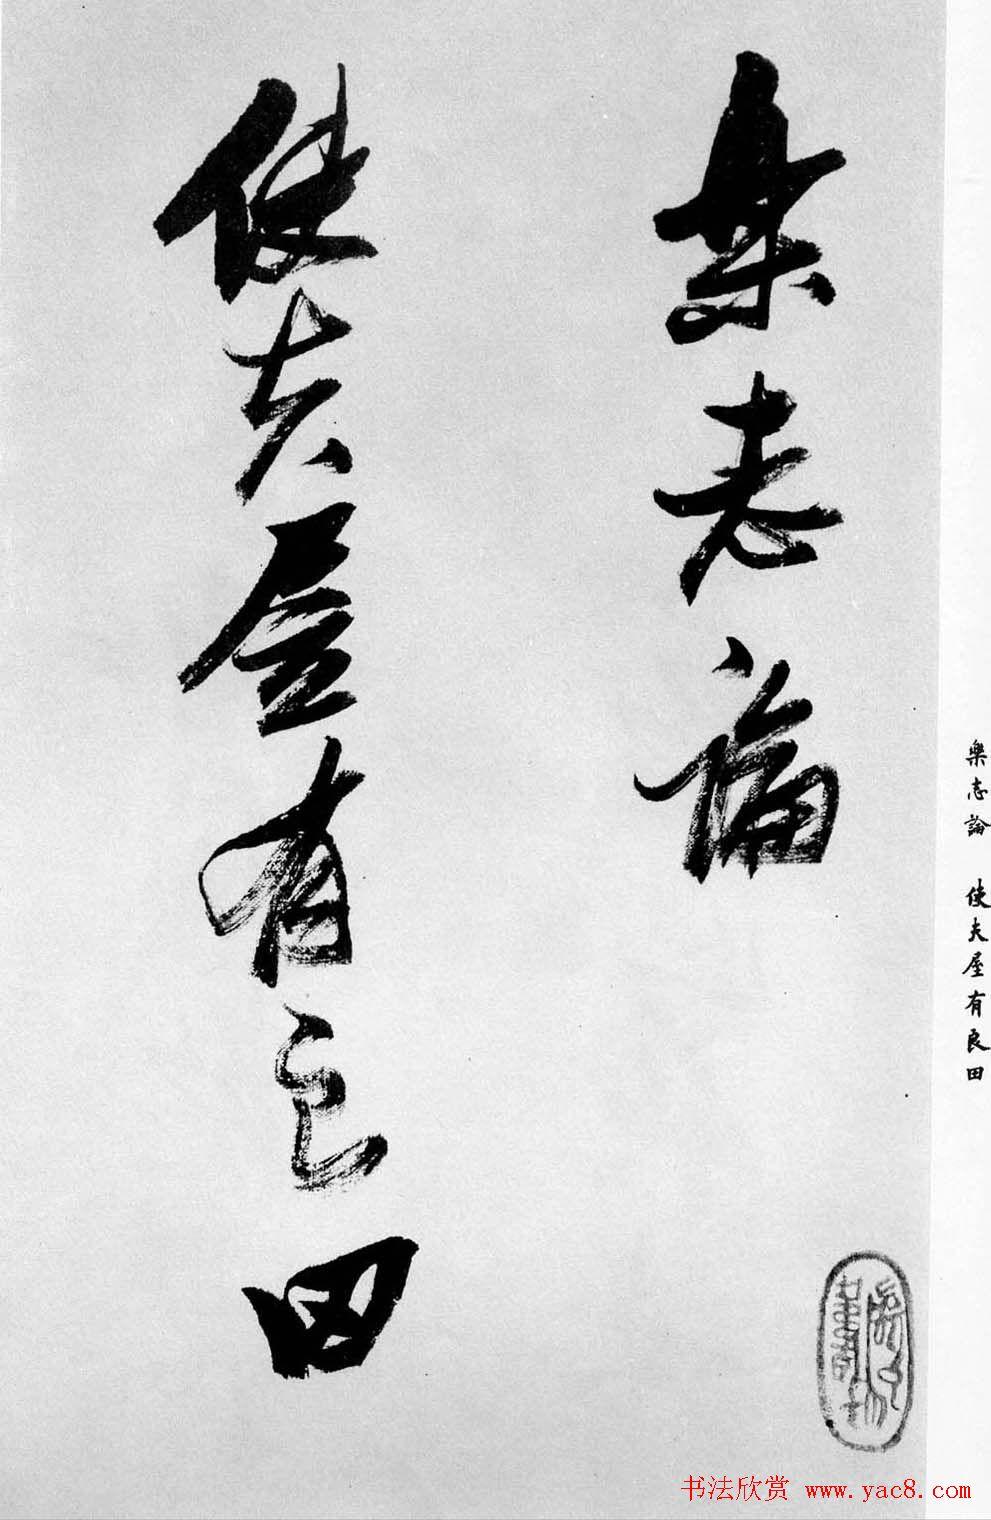 张瑞图行书书法欣赏《乐志论》